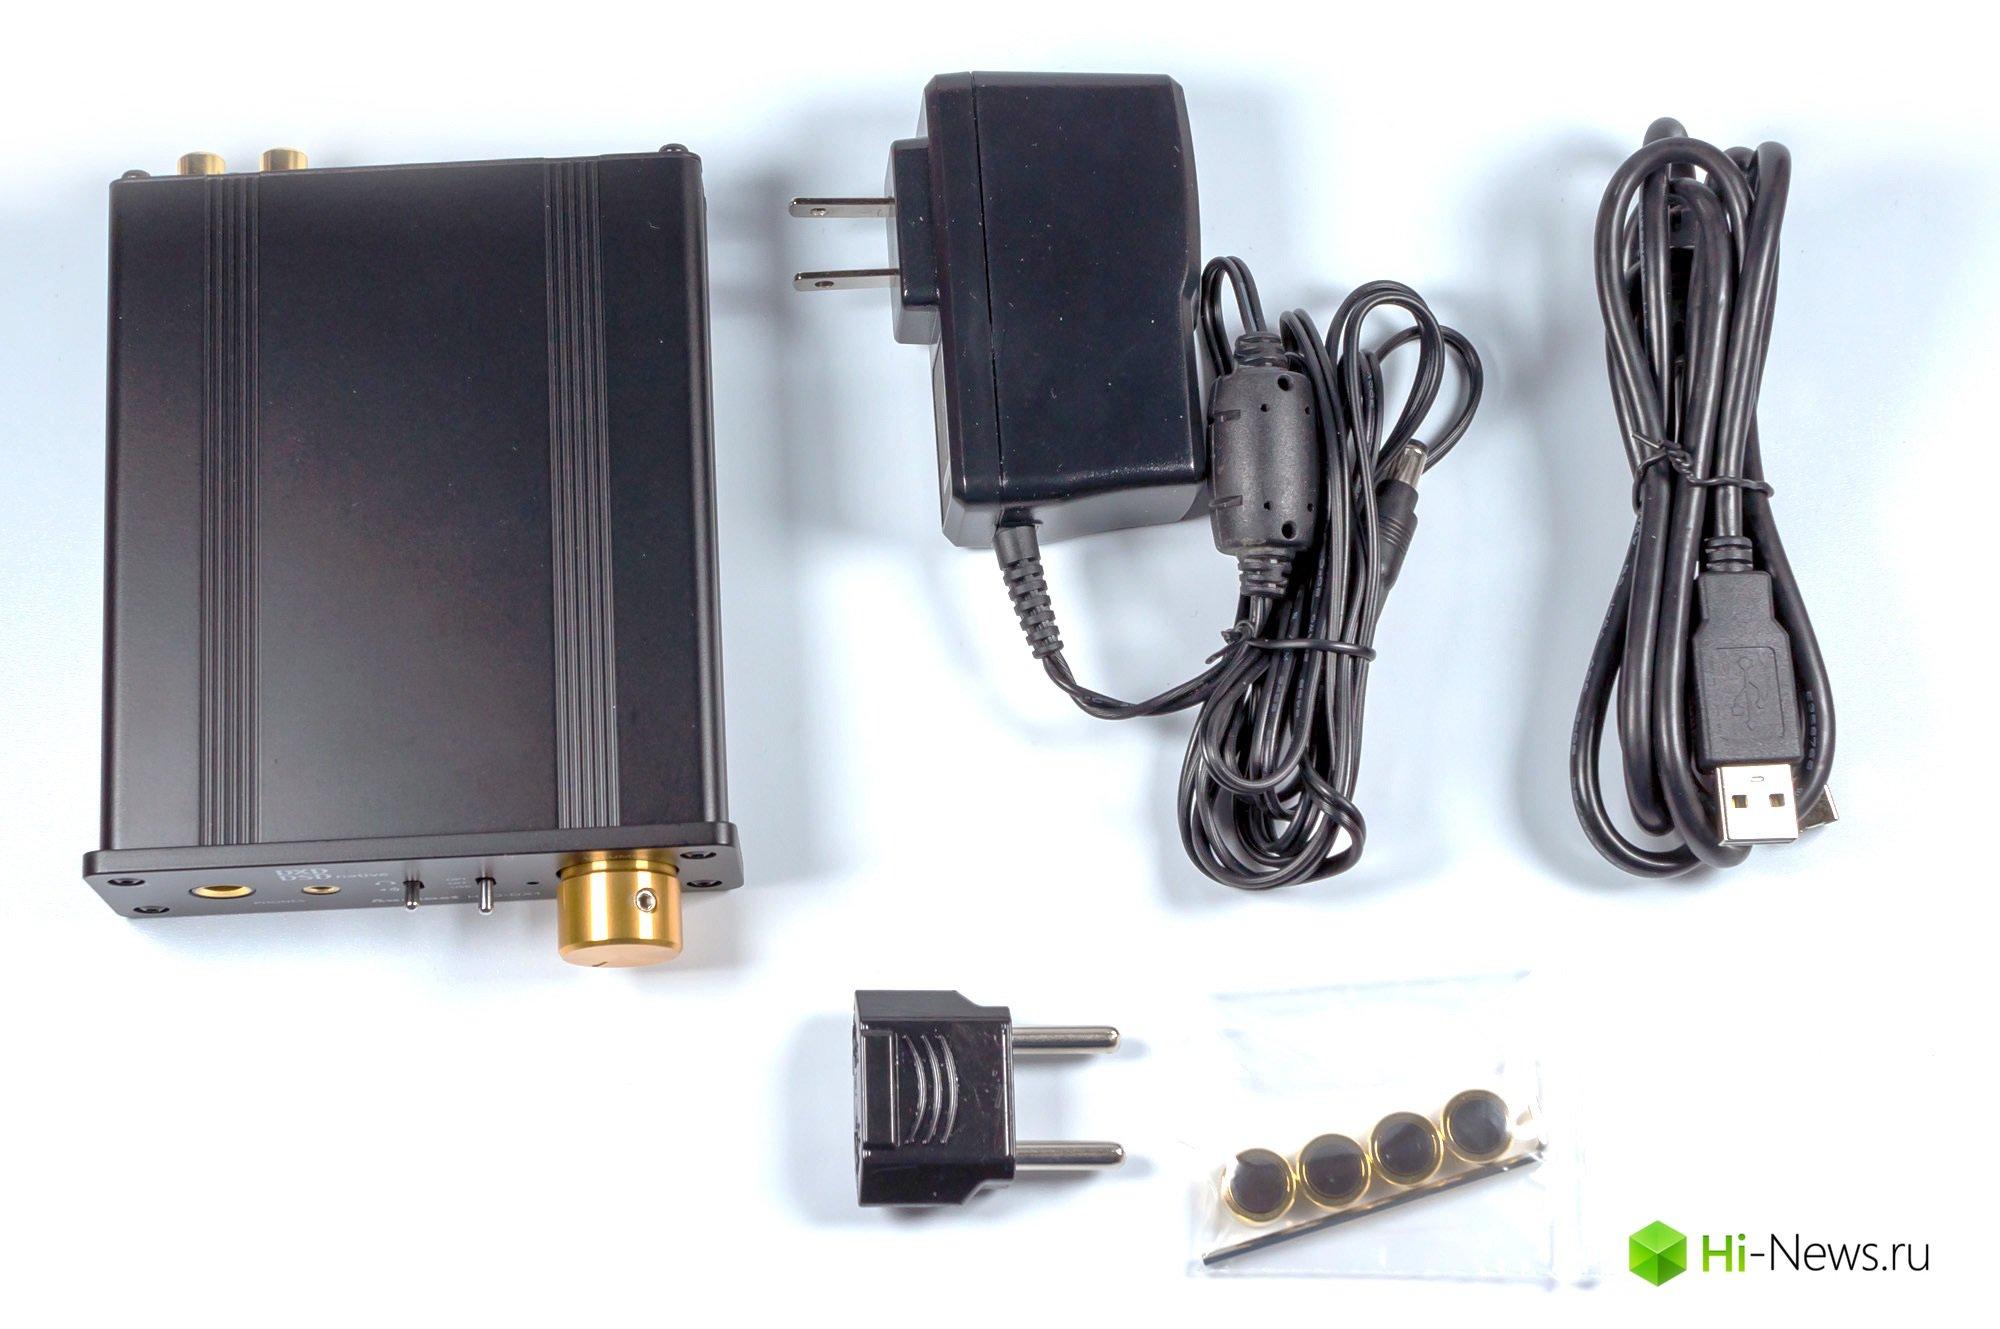 Обзор ЦАП и усилителя для наушников Audinst HUD-DX1 второй версии